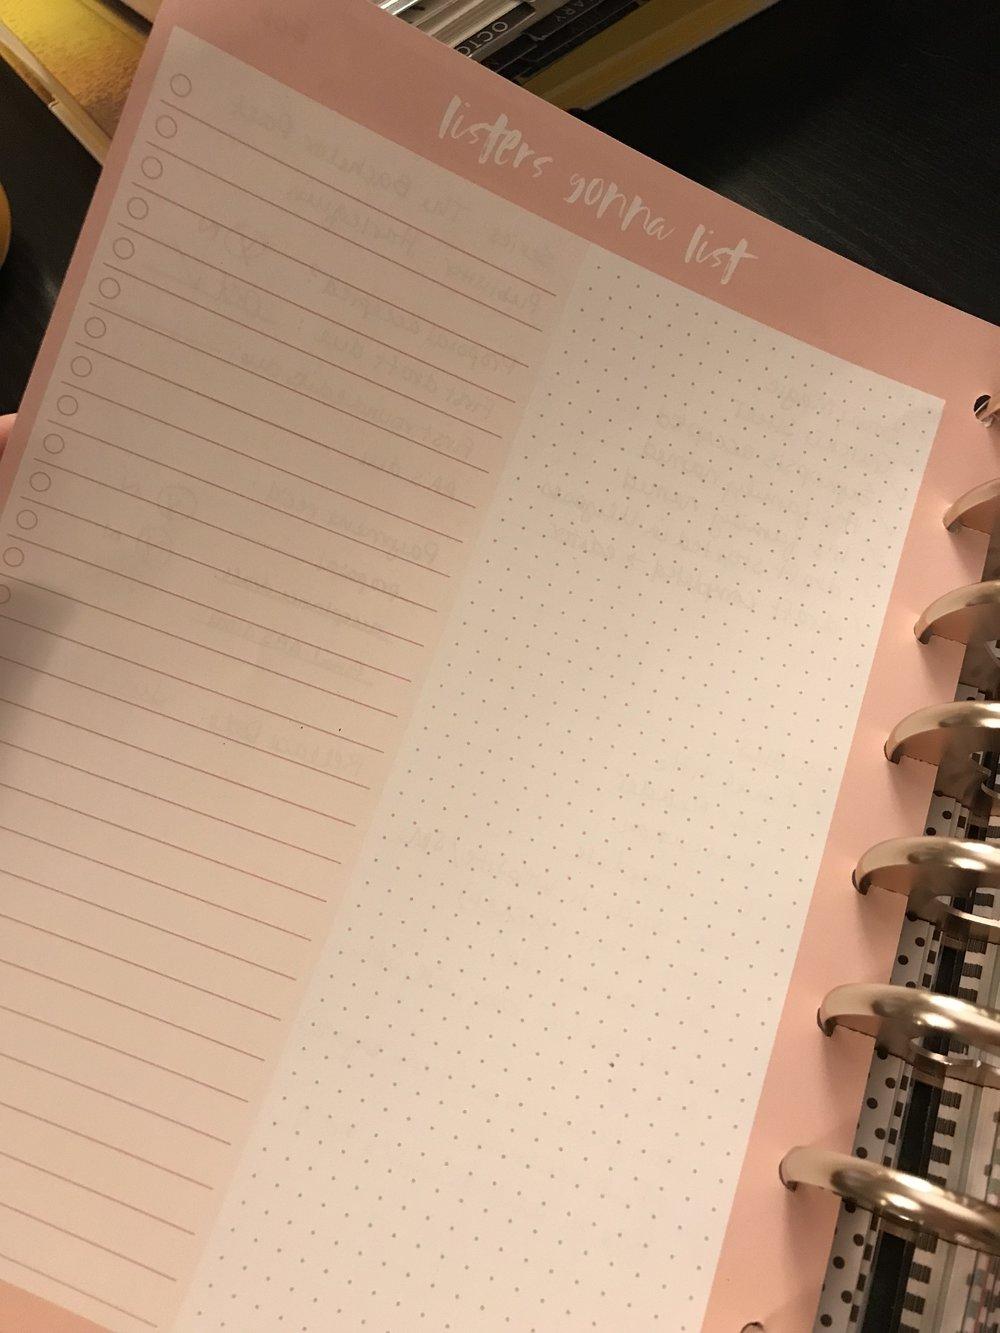 PN List back.JPG